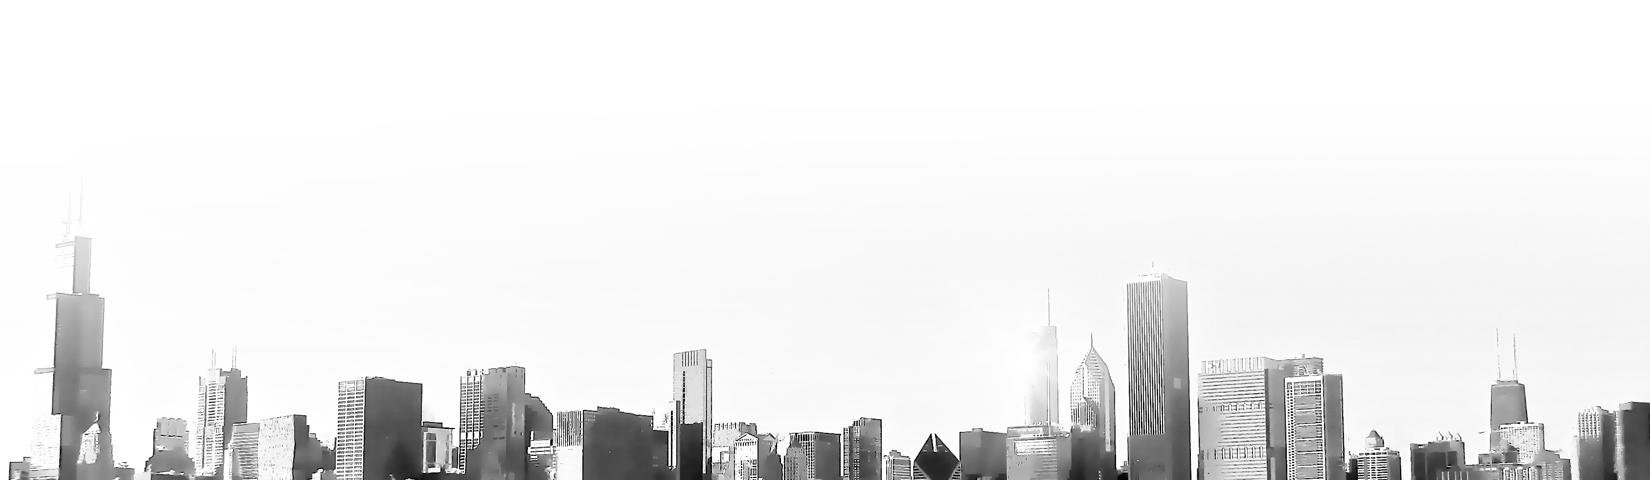 Chicago City Skyscape